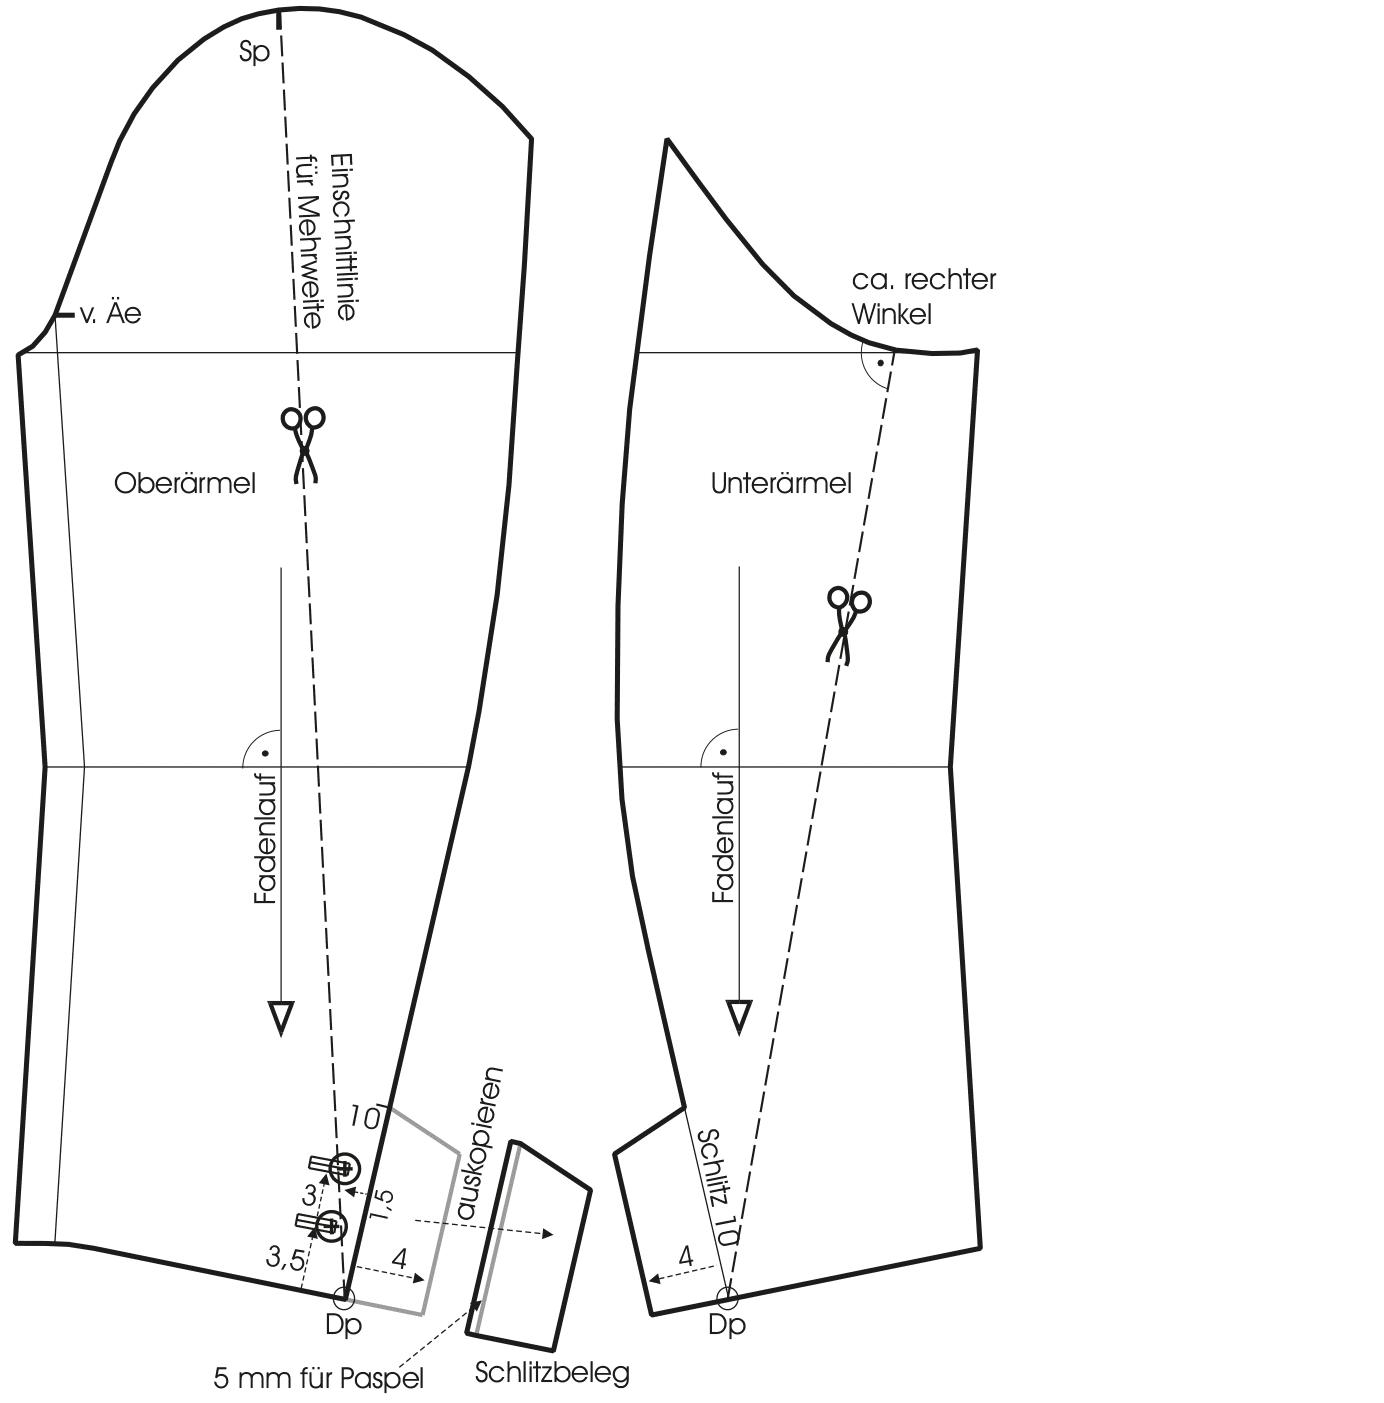 Gezeigt wird die Schnittkonstruktion von einem Ärmel für eine Trachtenjacke